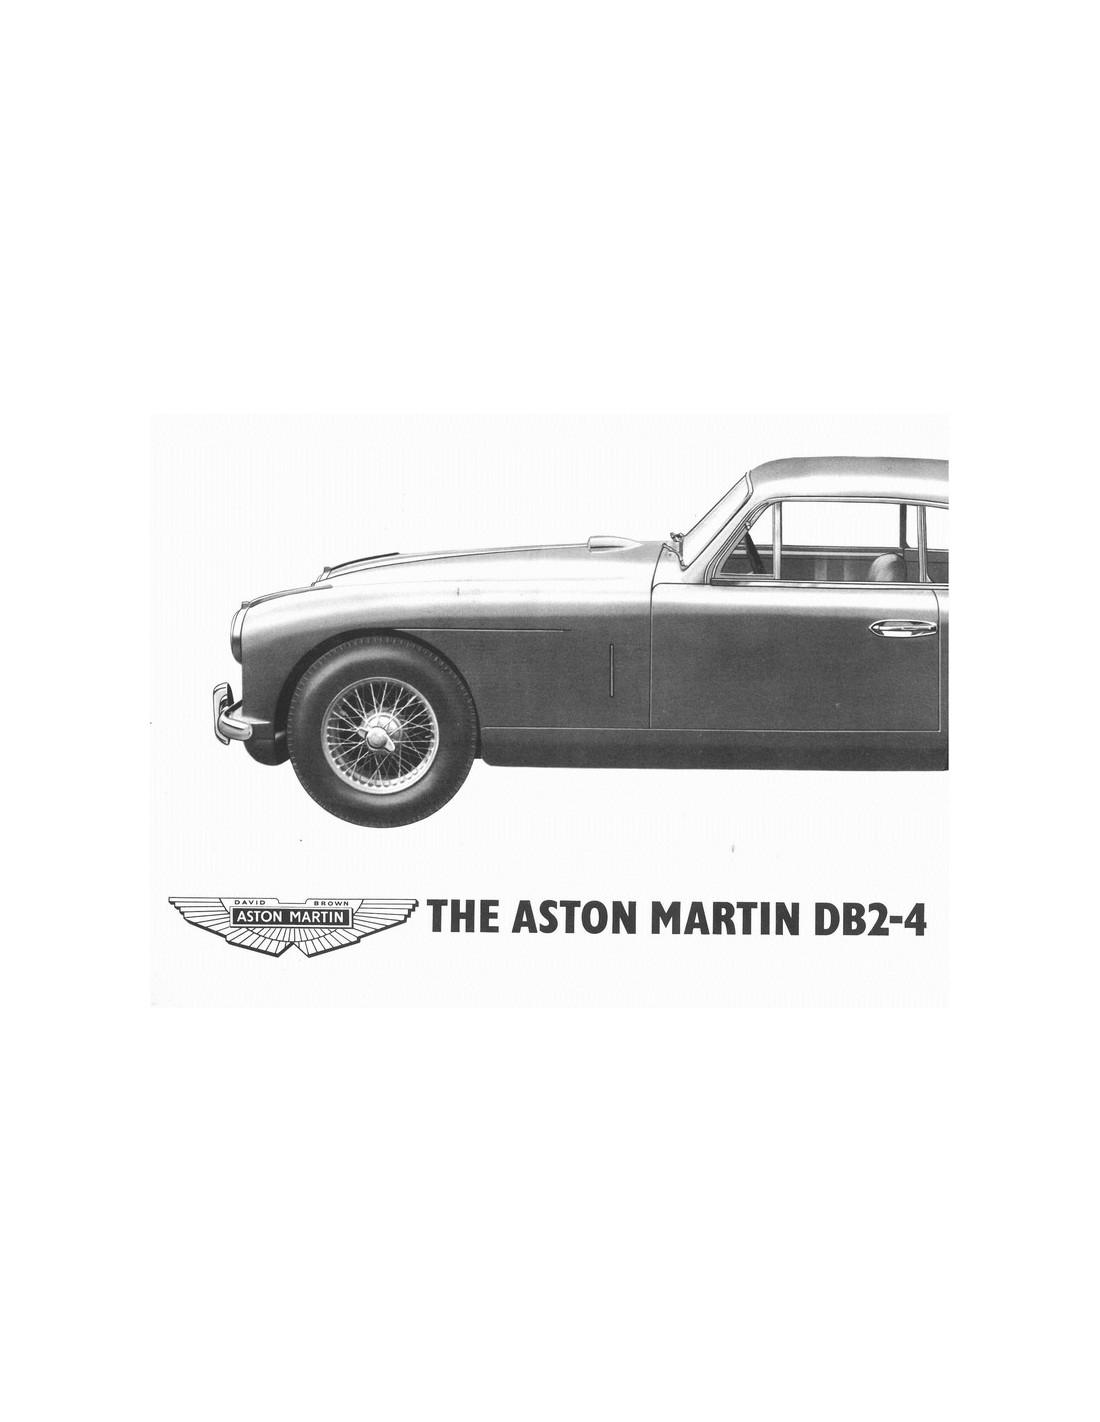 1953 Aston Martin Db2 4 Brochure English